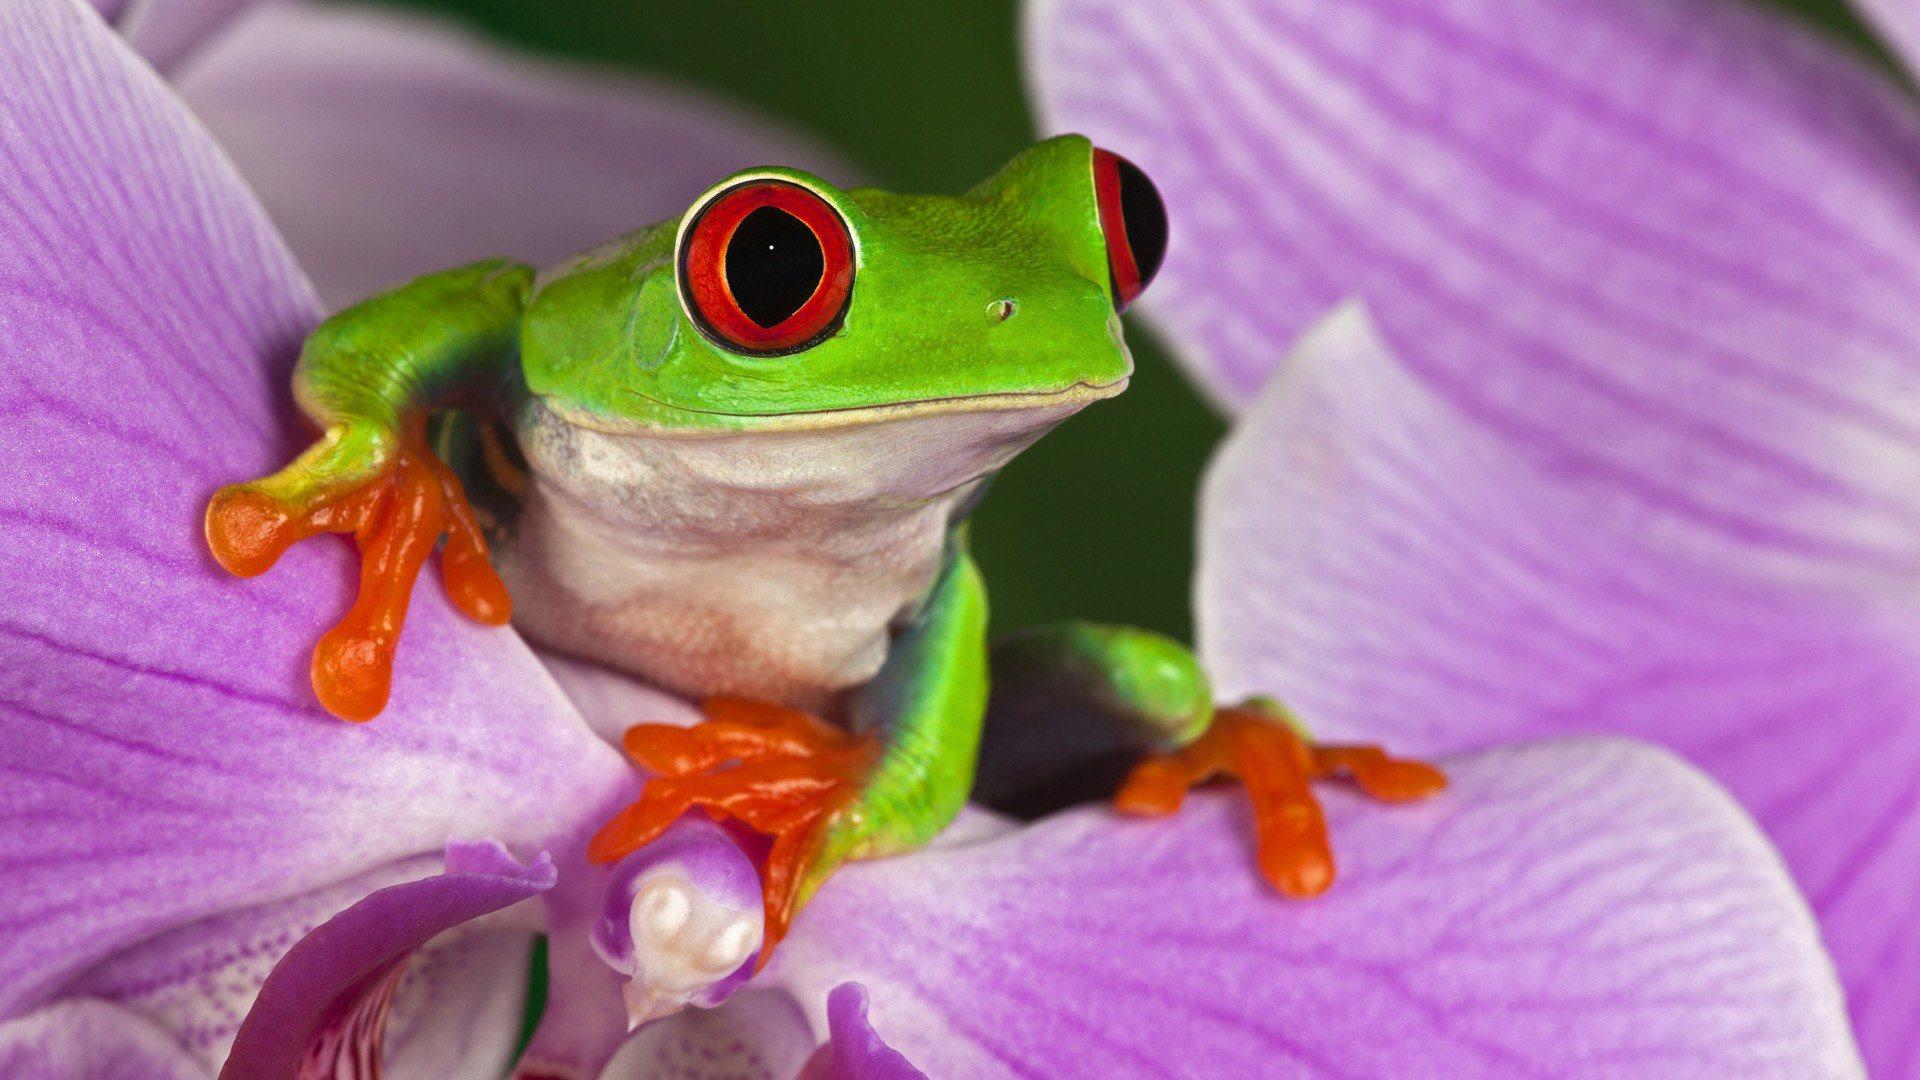 http://2.bp.blogspot.com/-EjMDZTdM5mk/UNqvJqv0NdI/AAAAAAAAP4M/oJck9FnRqLU/s1920/frog-on-purple-flower-wallpaper.jpg